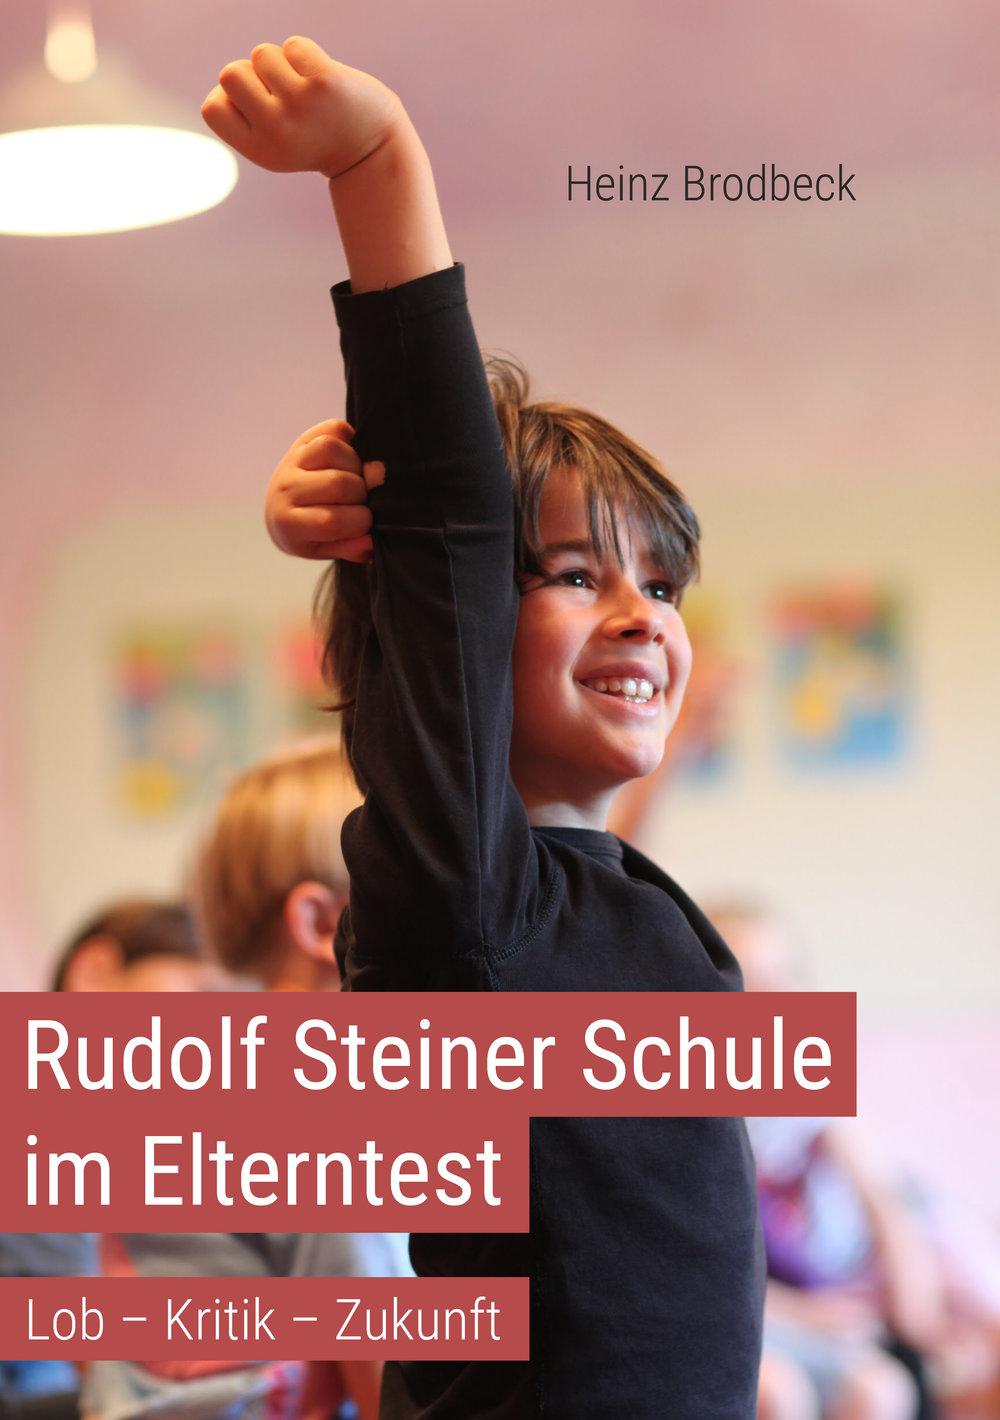 Heinz-Brodbeck_Rudolf-Steiner-Schule-im-Elterntest.jpg